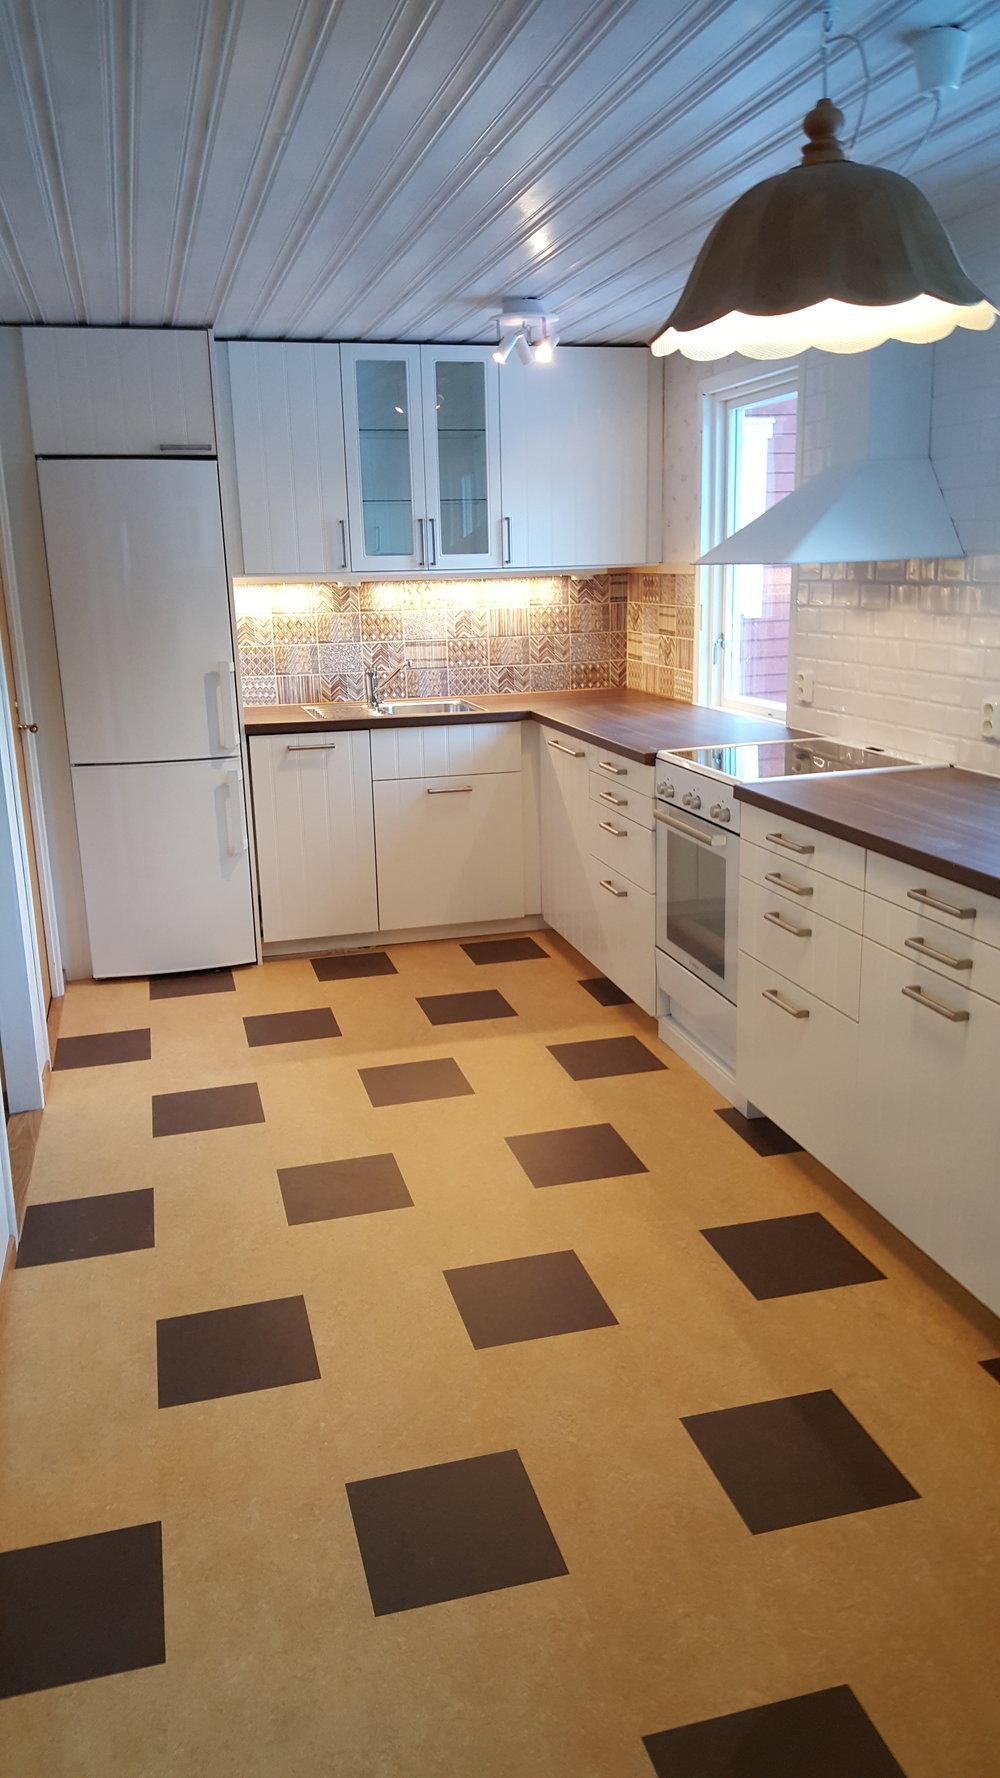 nytt kök och snickerier, marmoleumgolv